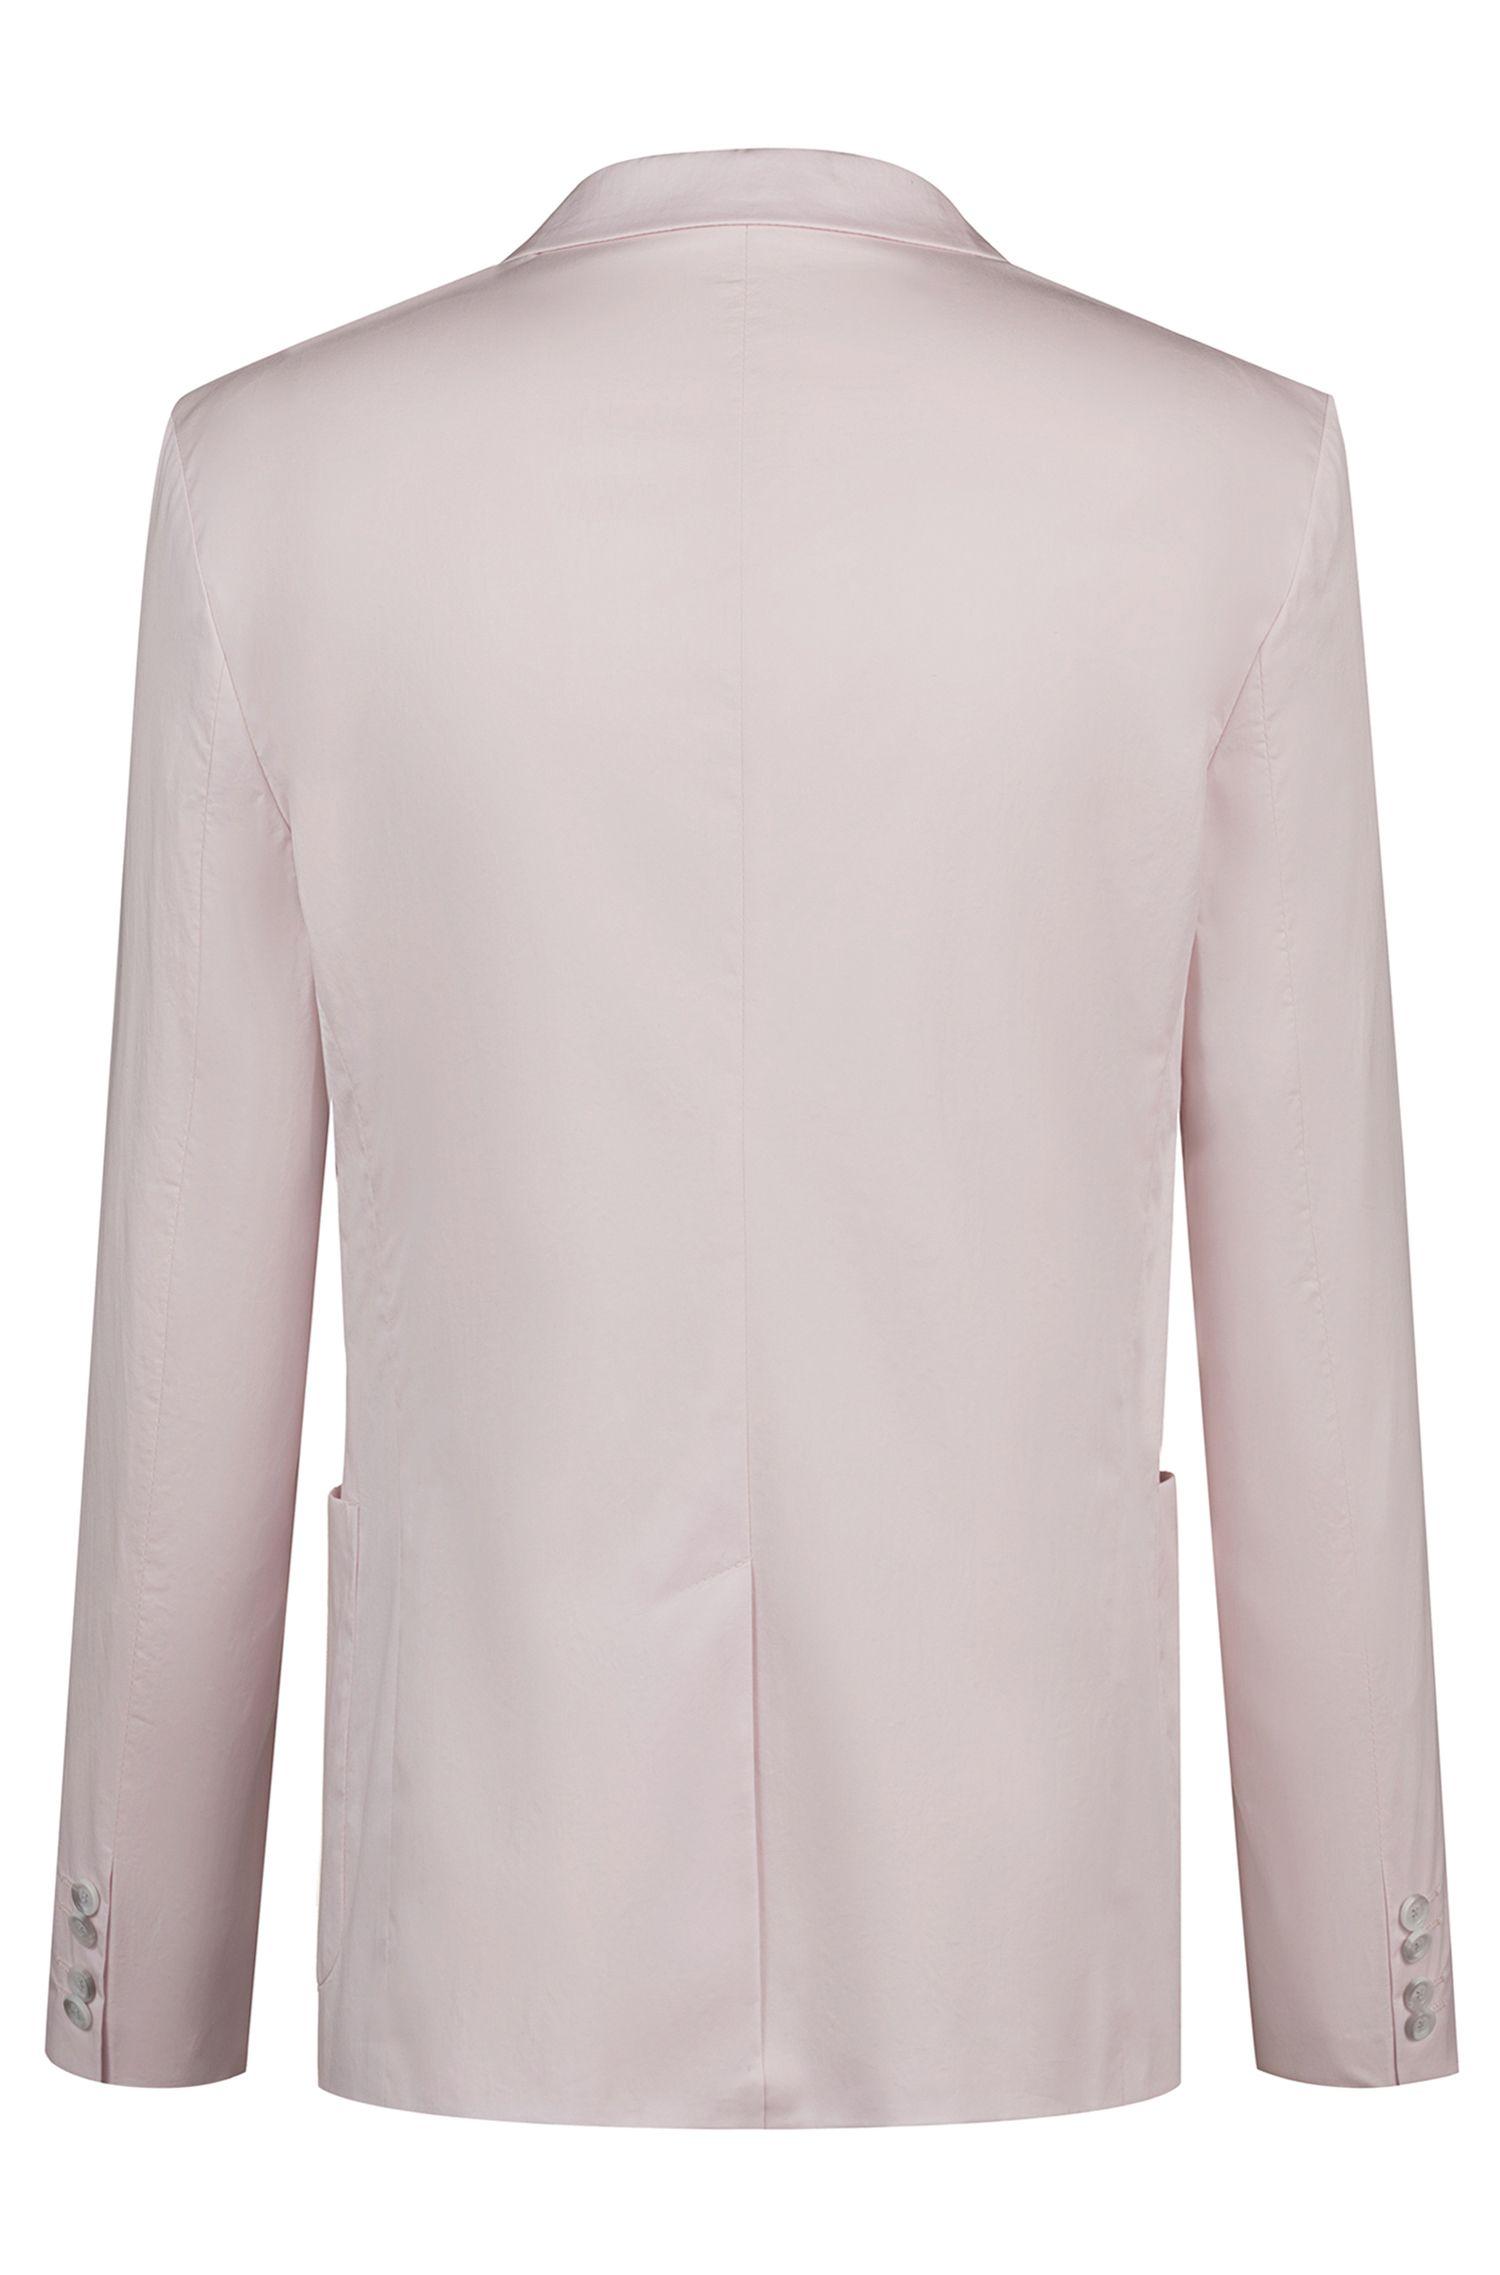 Chaqueta slim fit en algodón elástico con forro con el logo, Rosa claro